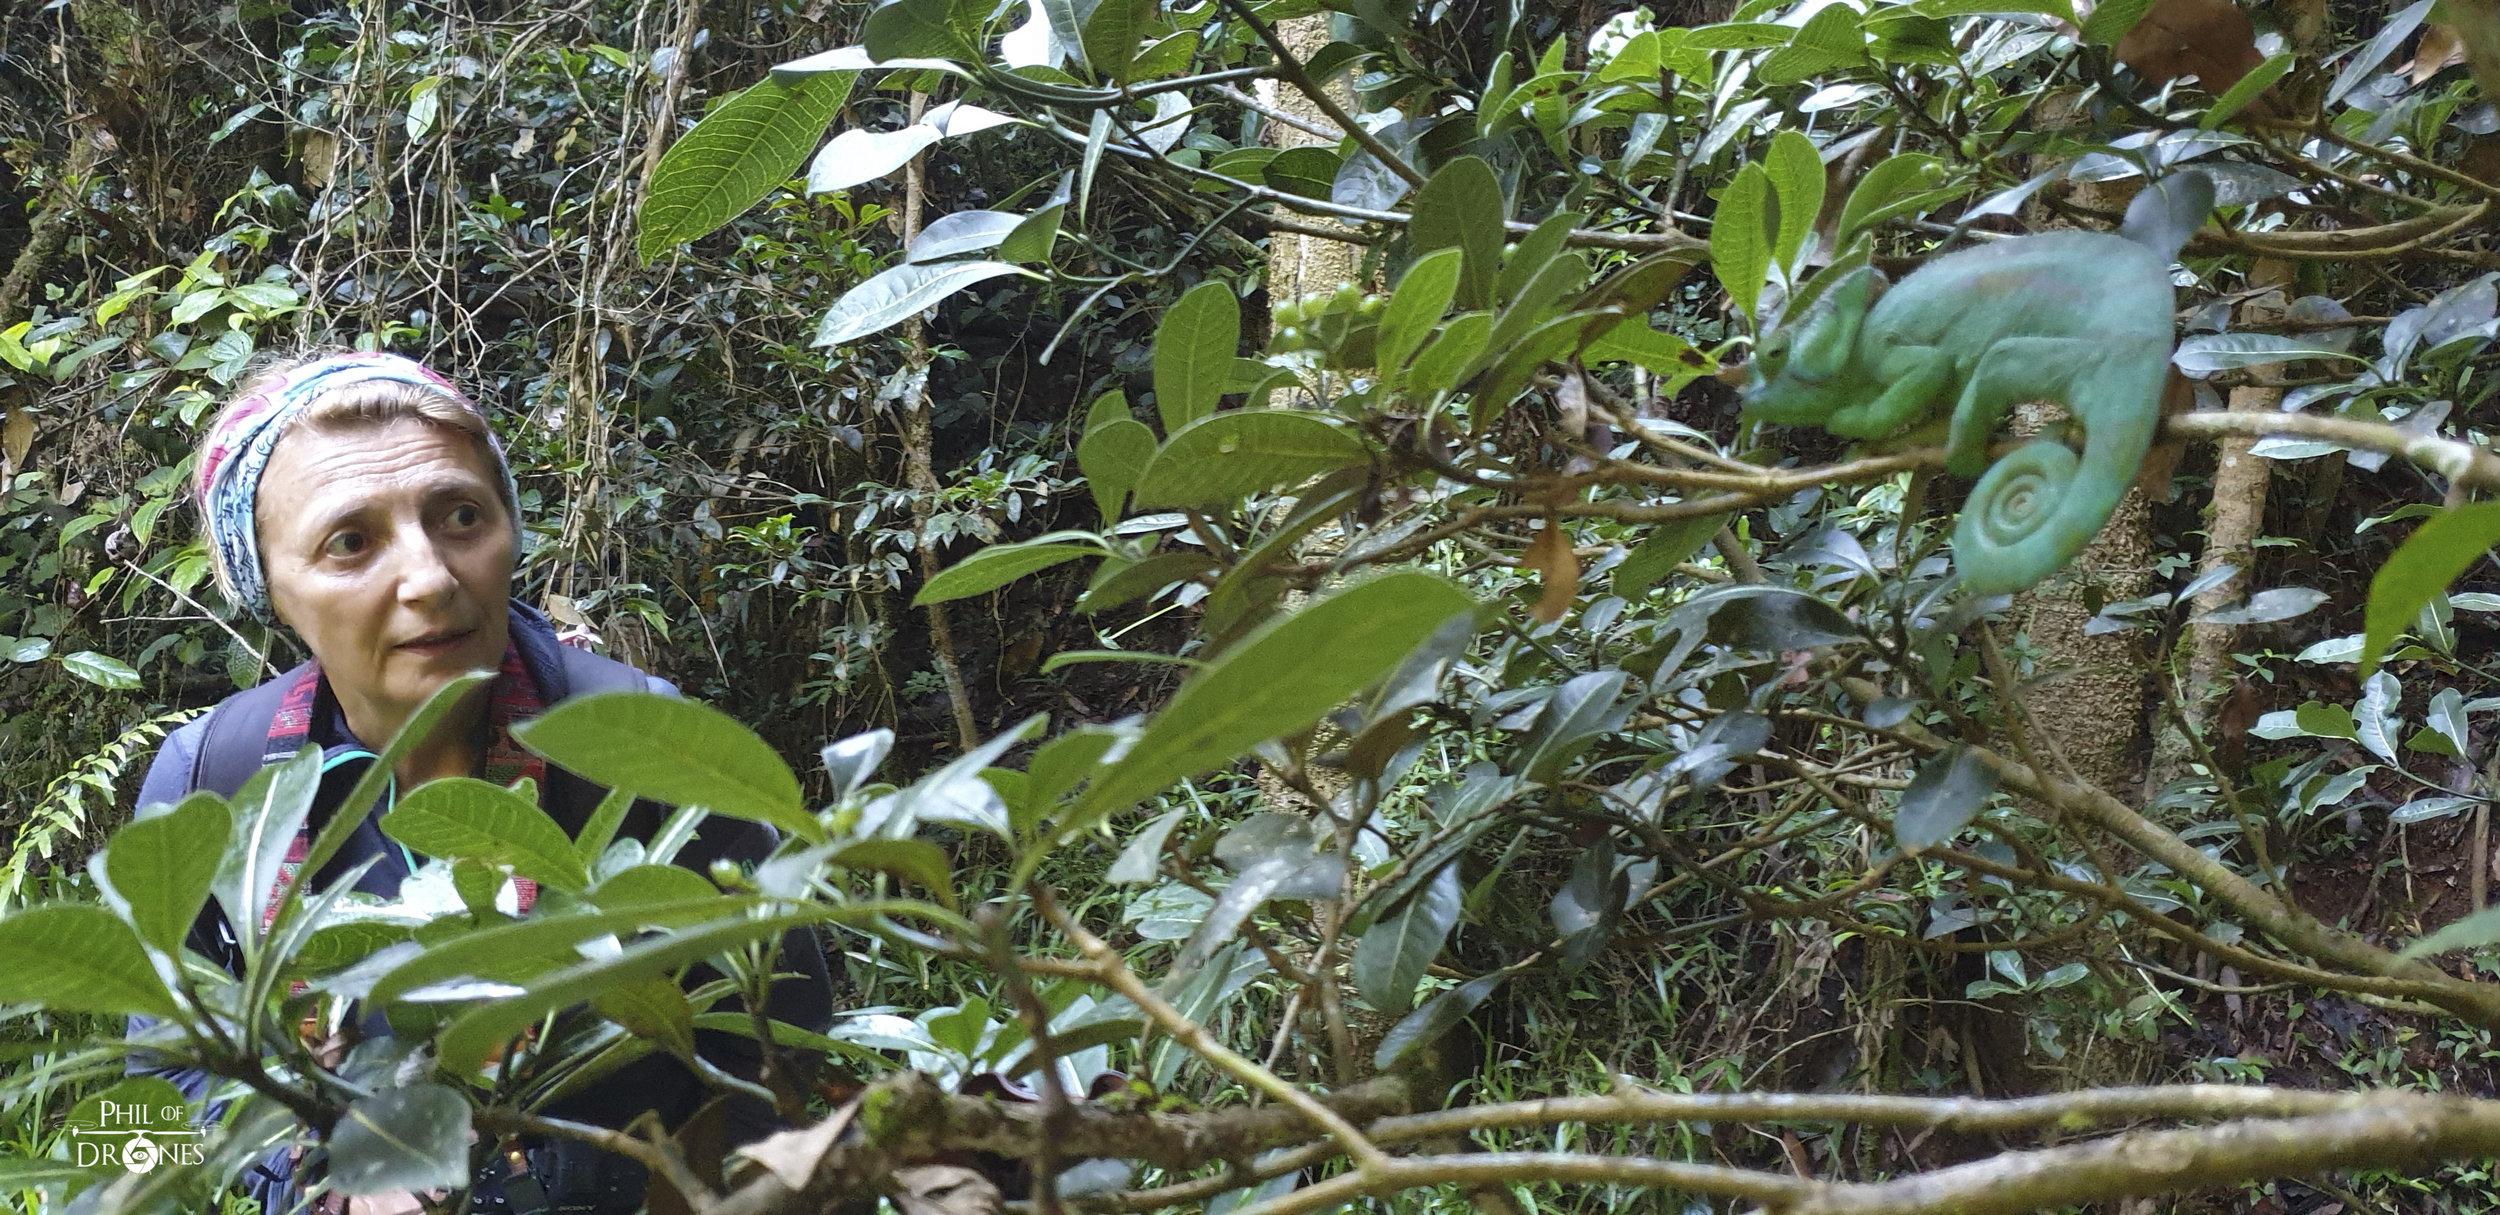 découverte d'un caméléon Fucifer Pardalis, dans la forêt.